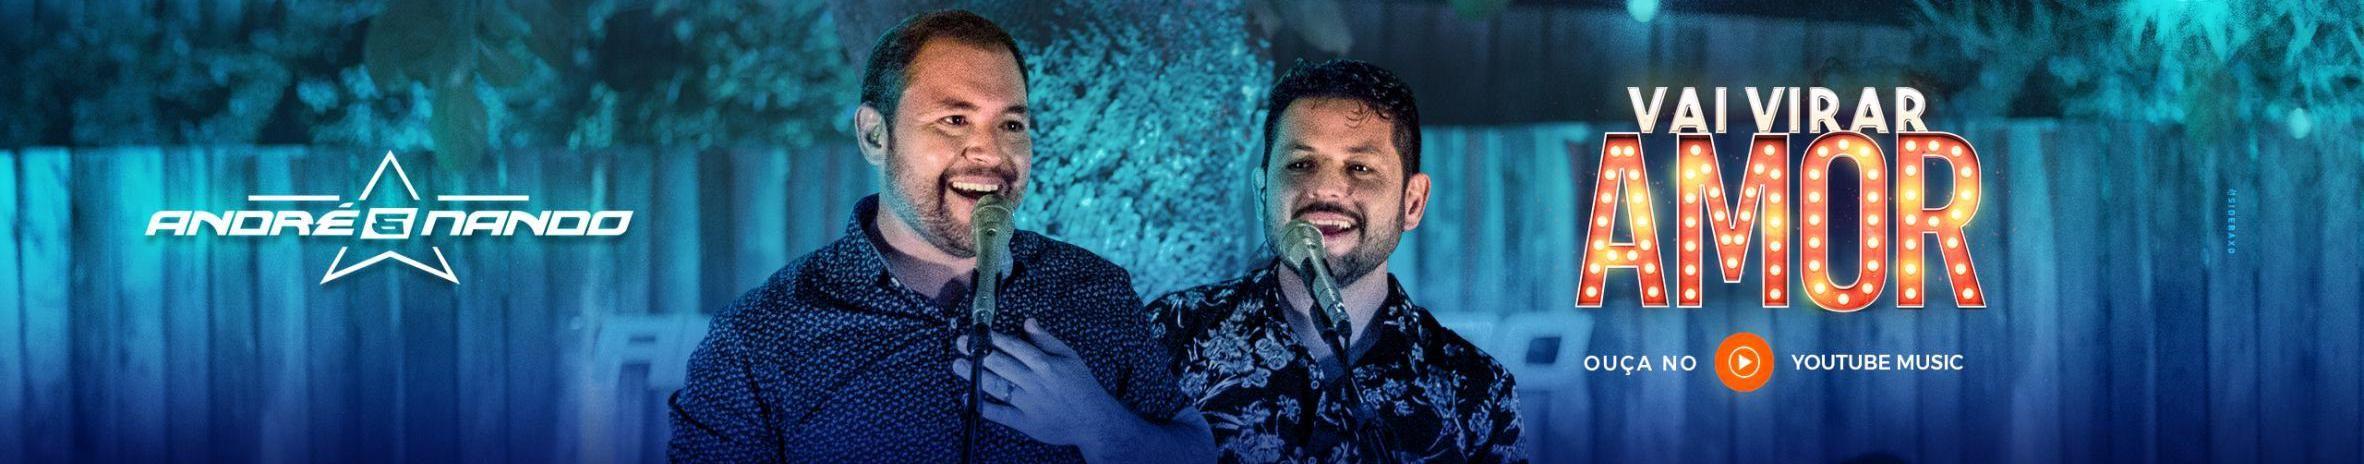 Imagem de capa de André e Nando